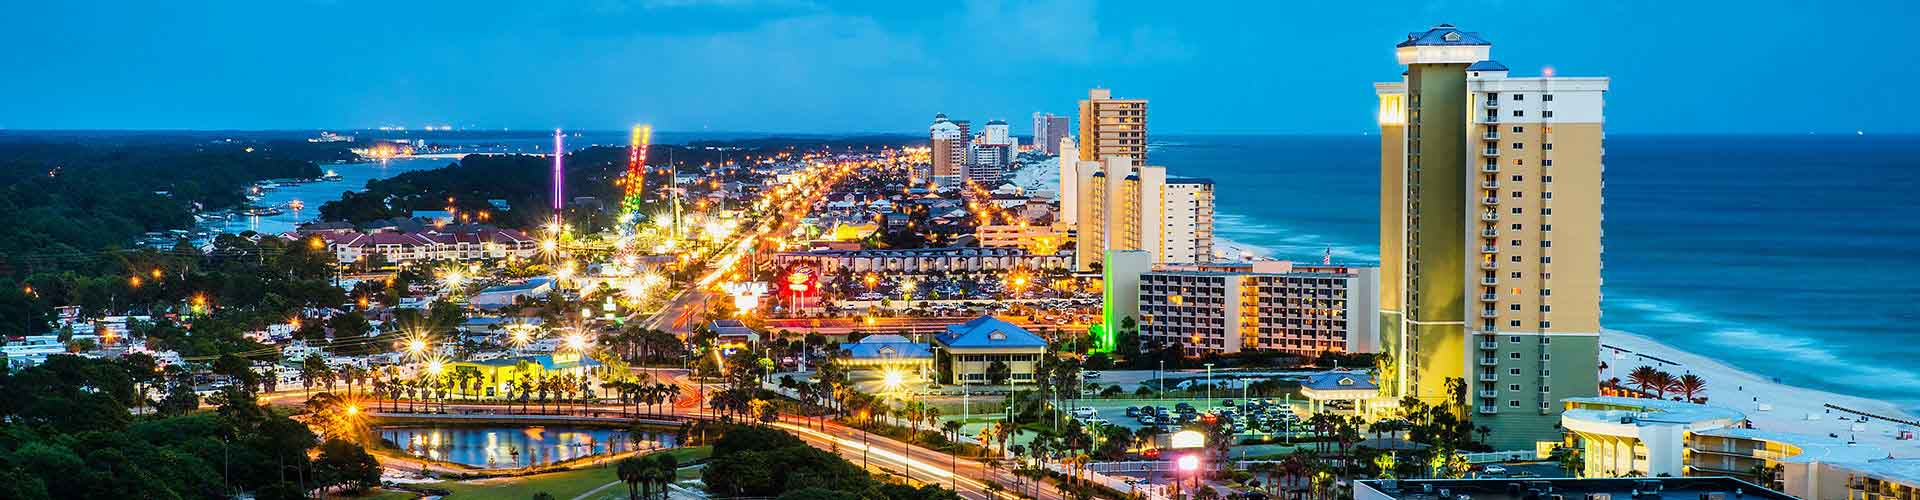 Panama City - Chambres pas chères dans le quartier de Marbella. Cartes pour Panama City, photos et commentaires pour chaque chambre à Panama City.